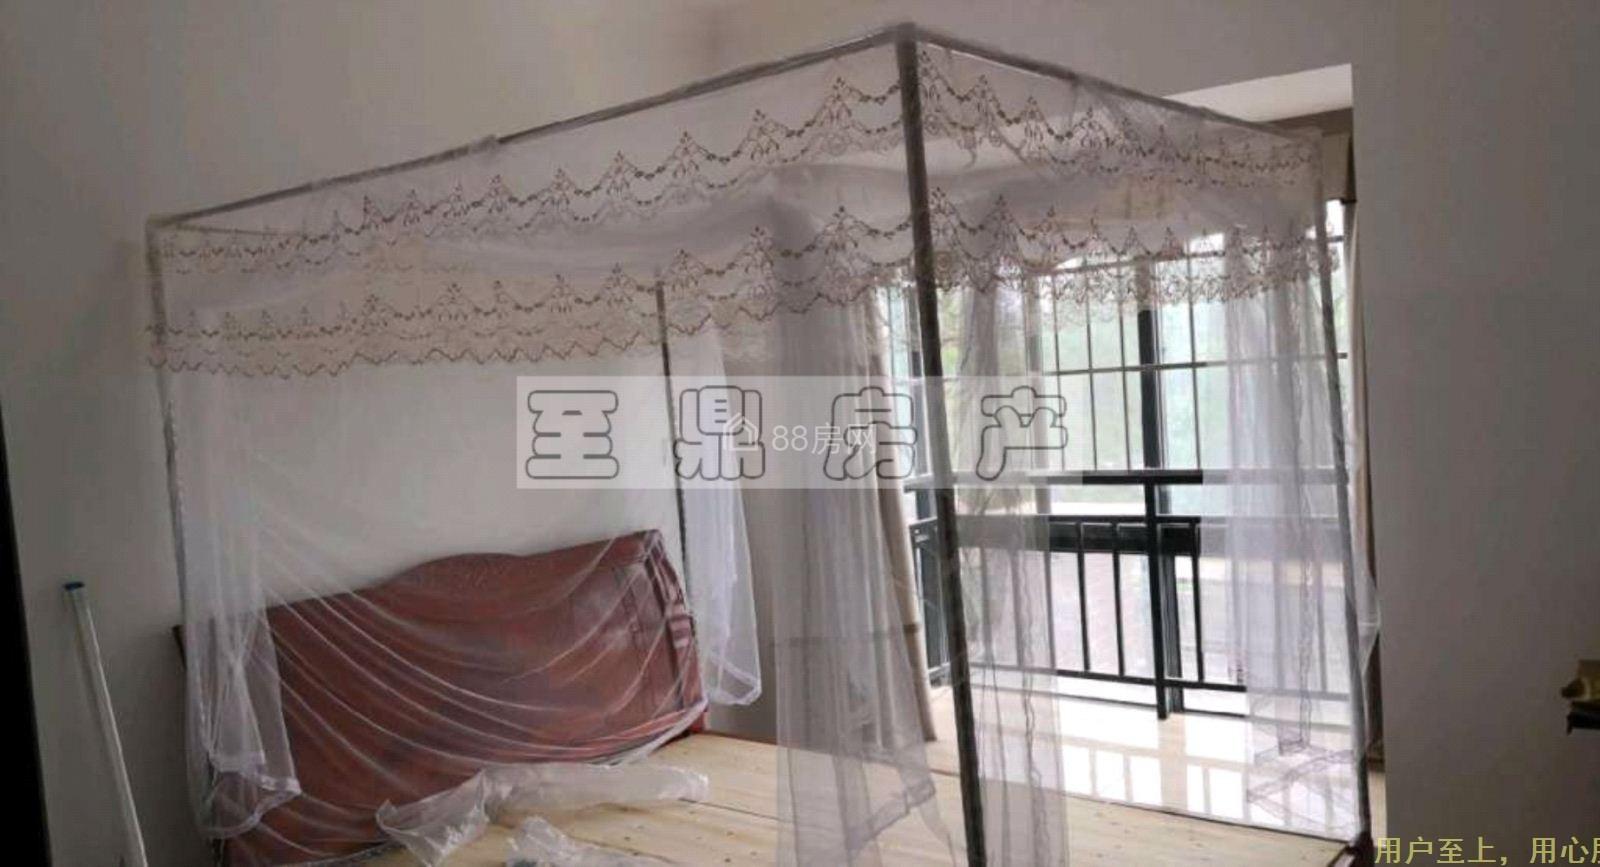 广汇圣湖城 1850元 2室2厅1卫 普通装修小区安静,低价